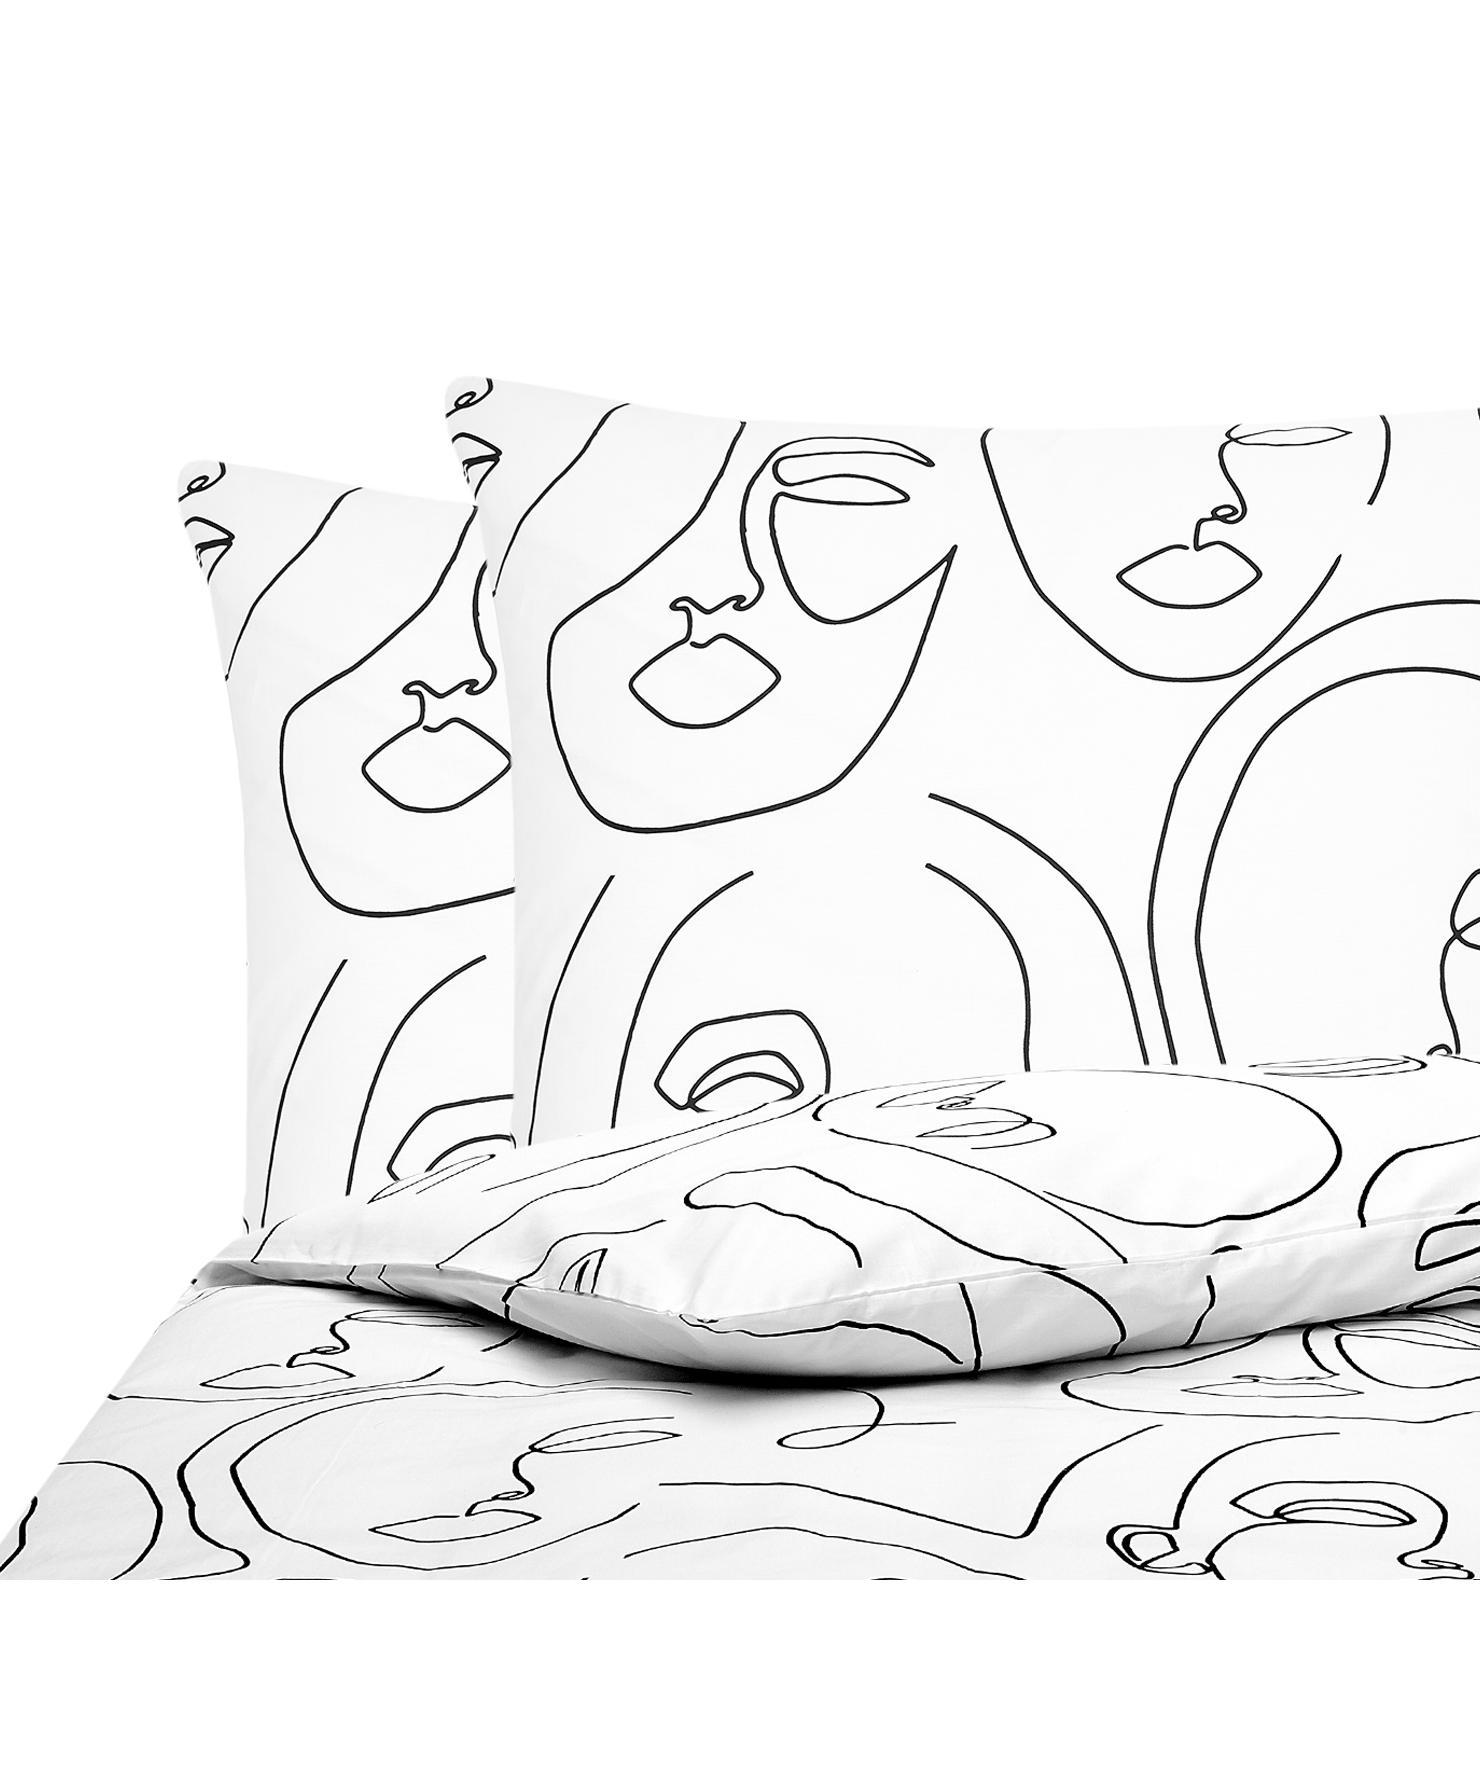 Baumwollperkal-Bettwäsche Aria mit One Line Zeichnung, Webart: Perkal Fadendichte 180 TC, Weiß, Schwarz, 200 x 200 cm + 2 Kissen 80 x 80 cm